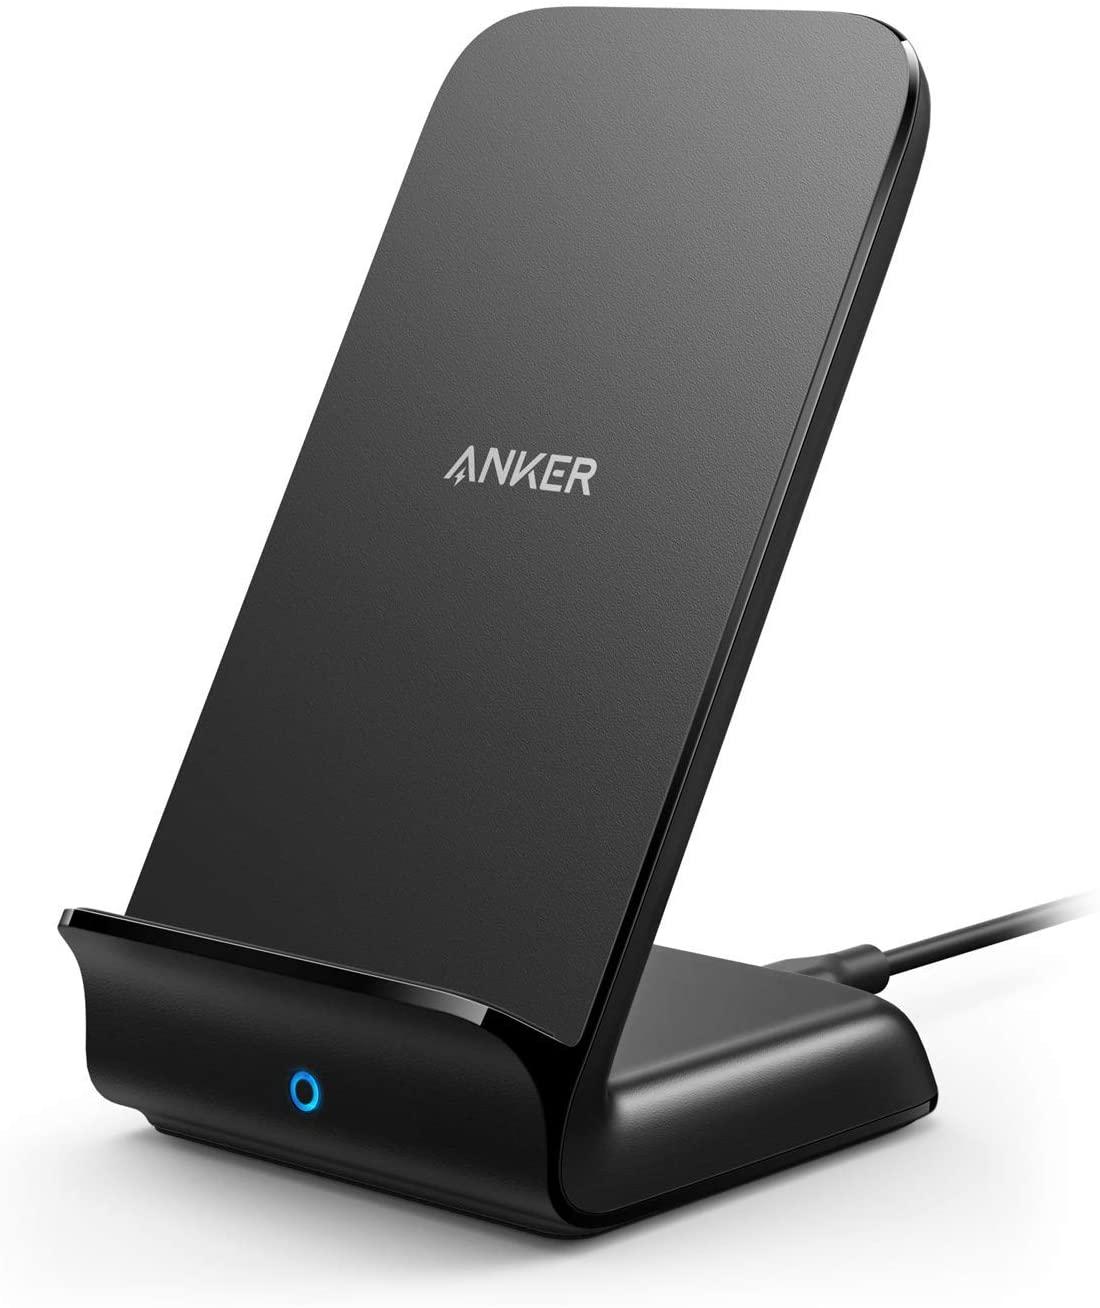 Cargador y soporte Anker para teléfonos inteligentes.